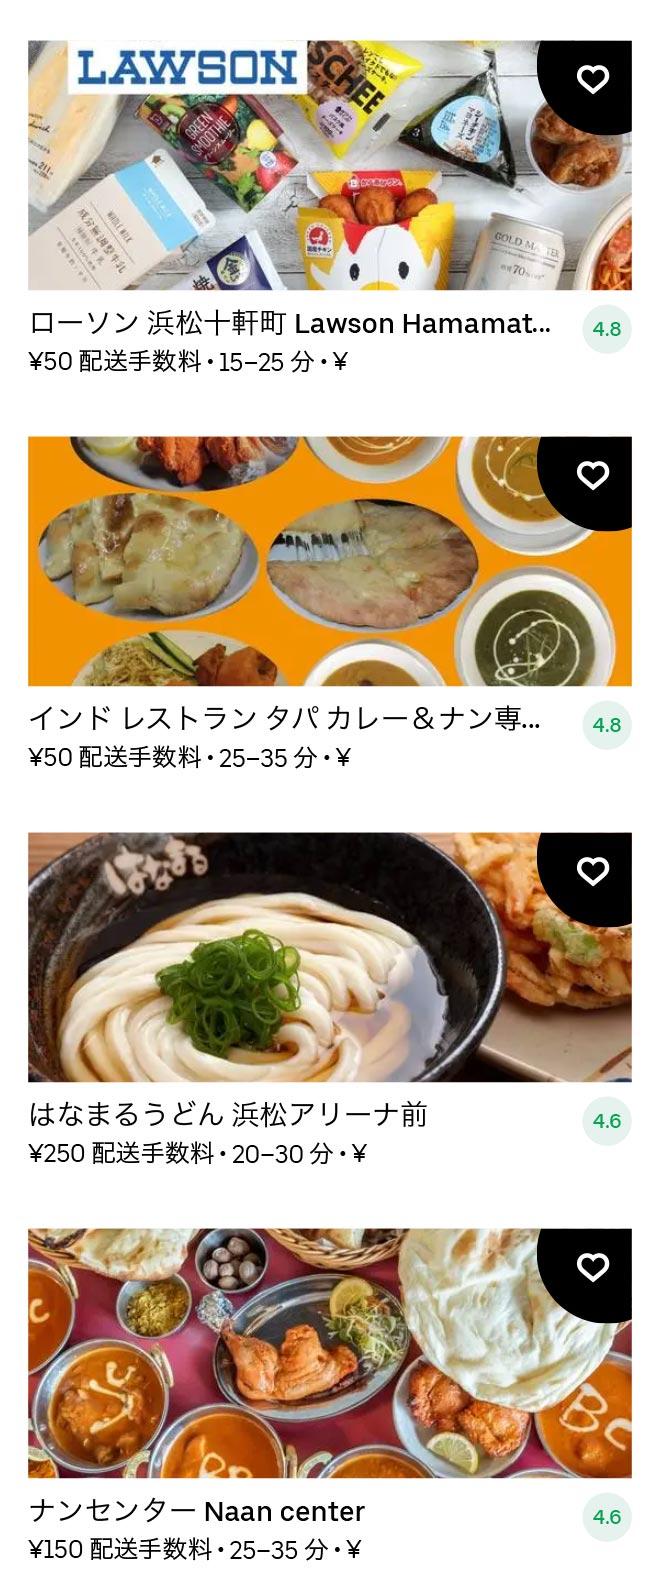 Hikuma menu 2011 03